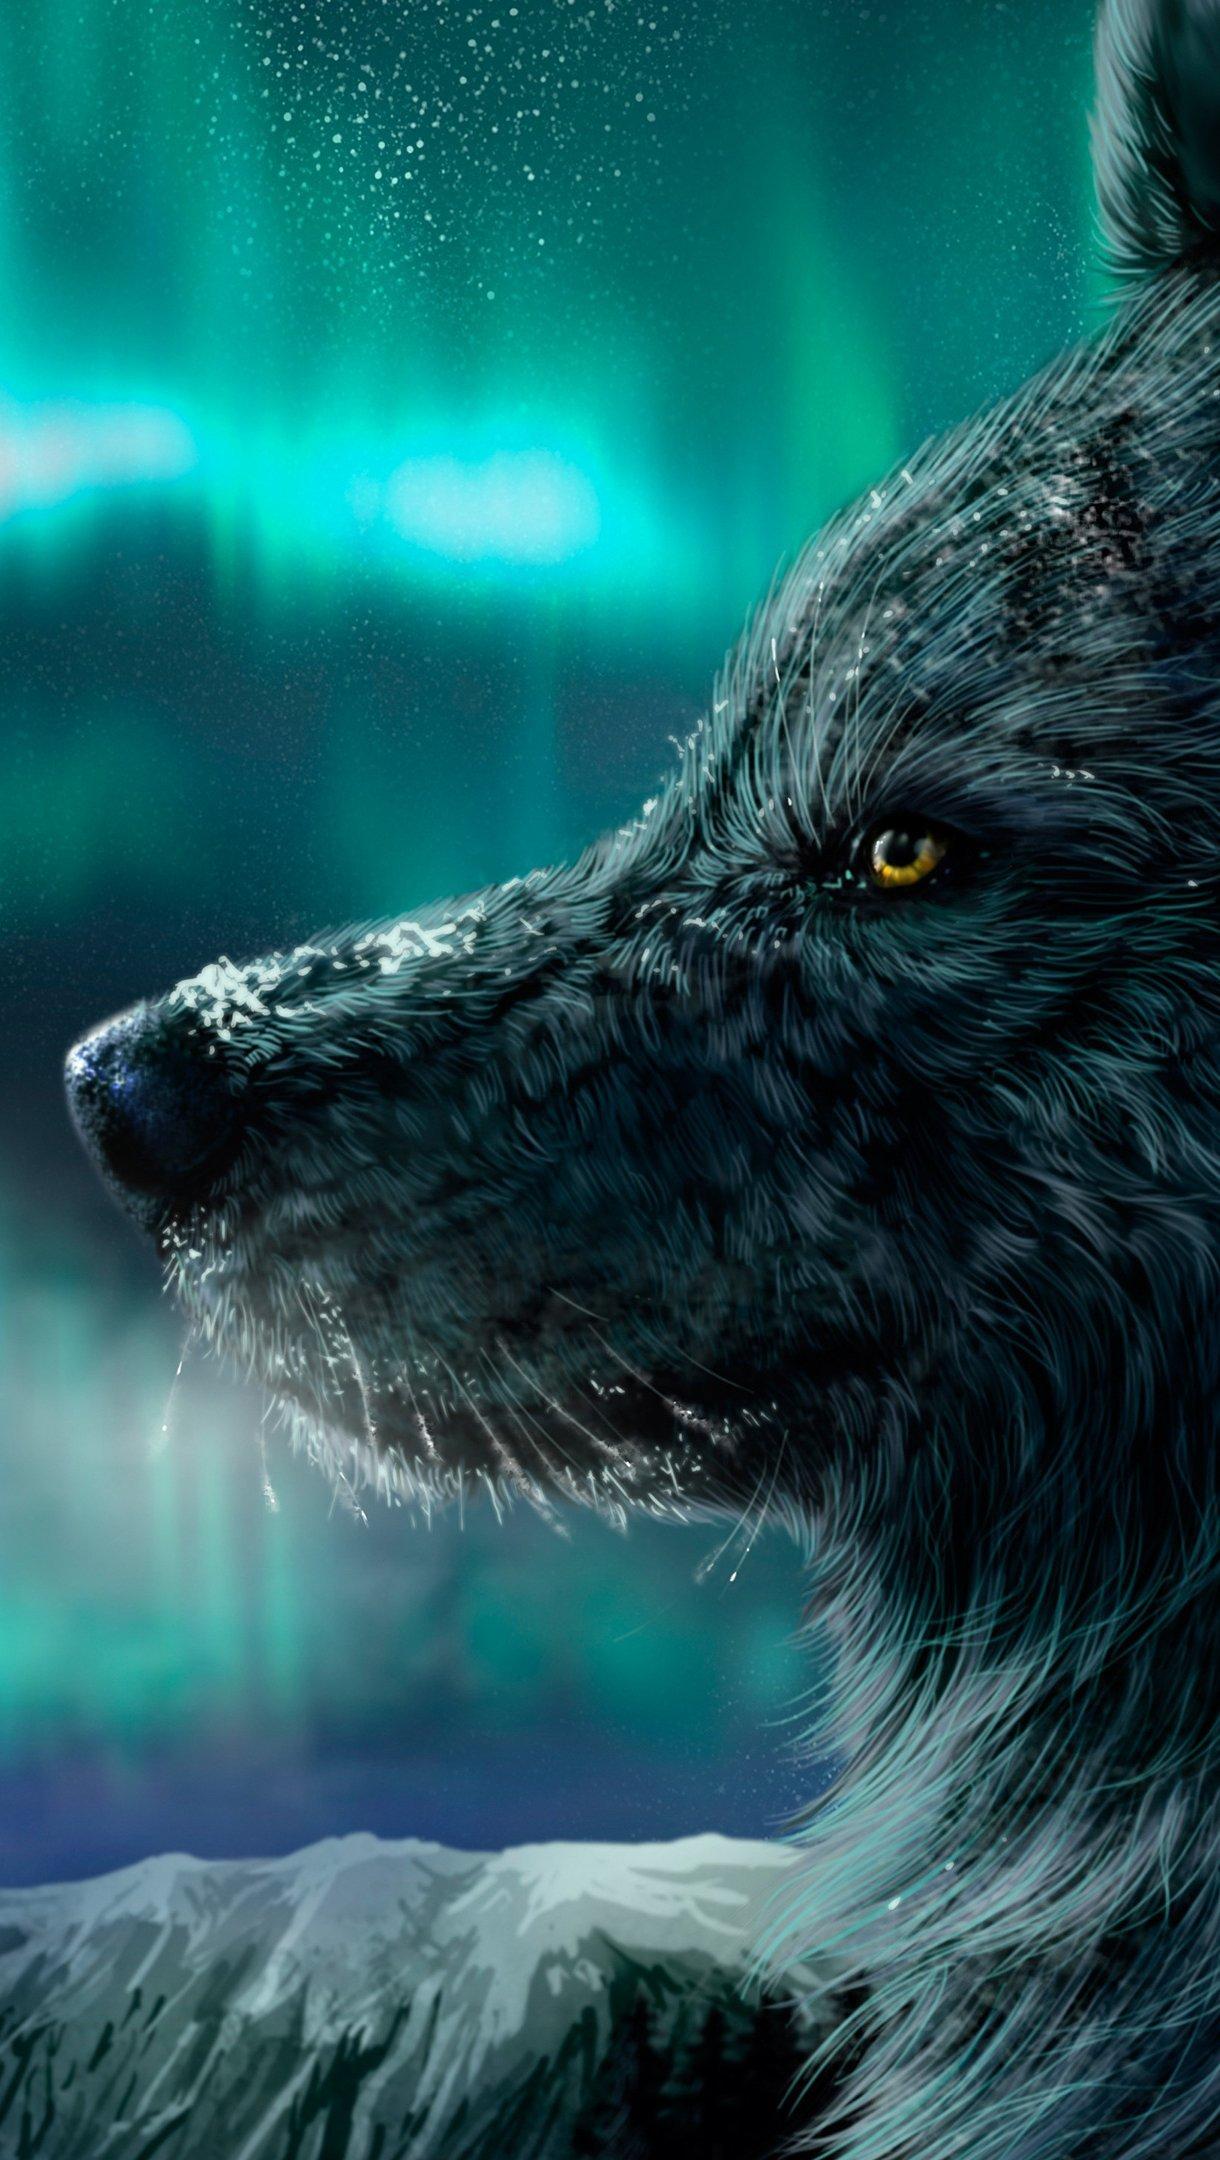 Fondos de pantalla Lobo con aurora polar de fondo Vertical